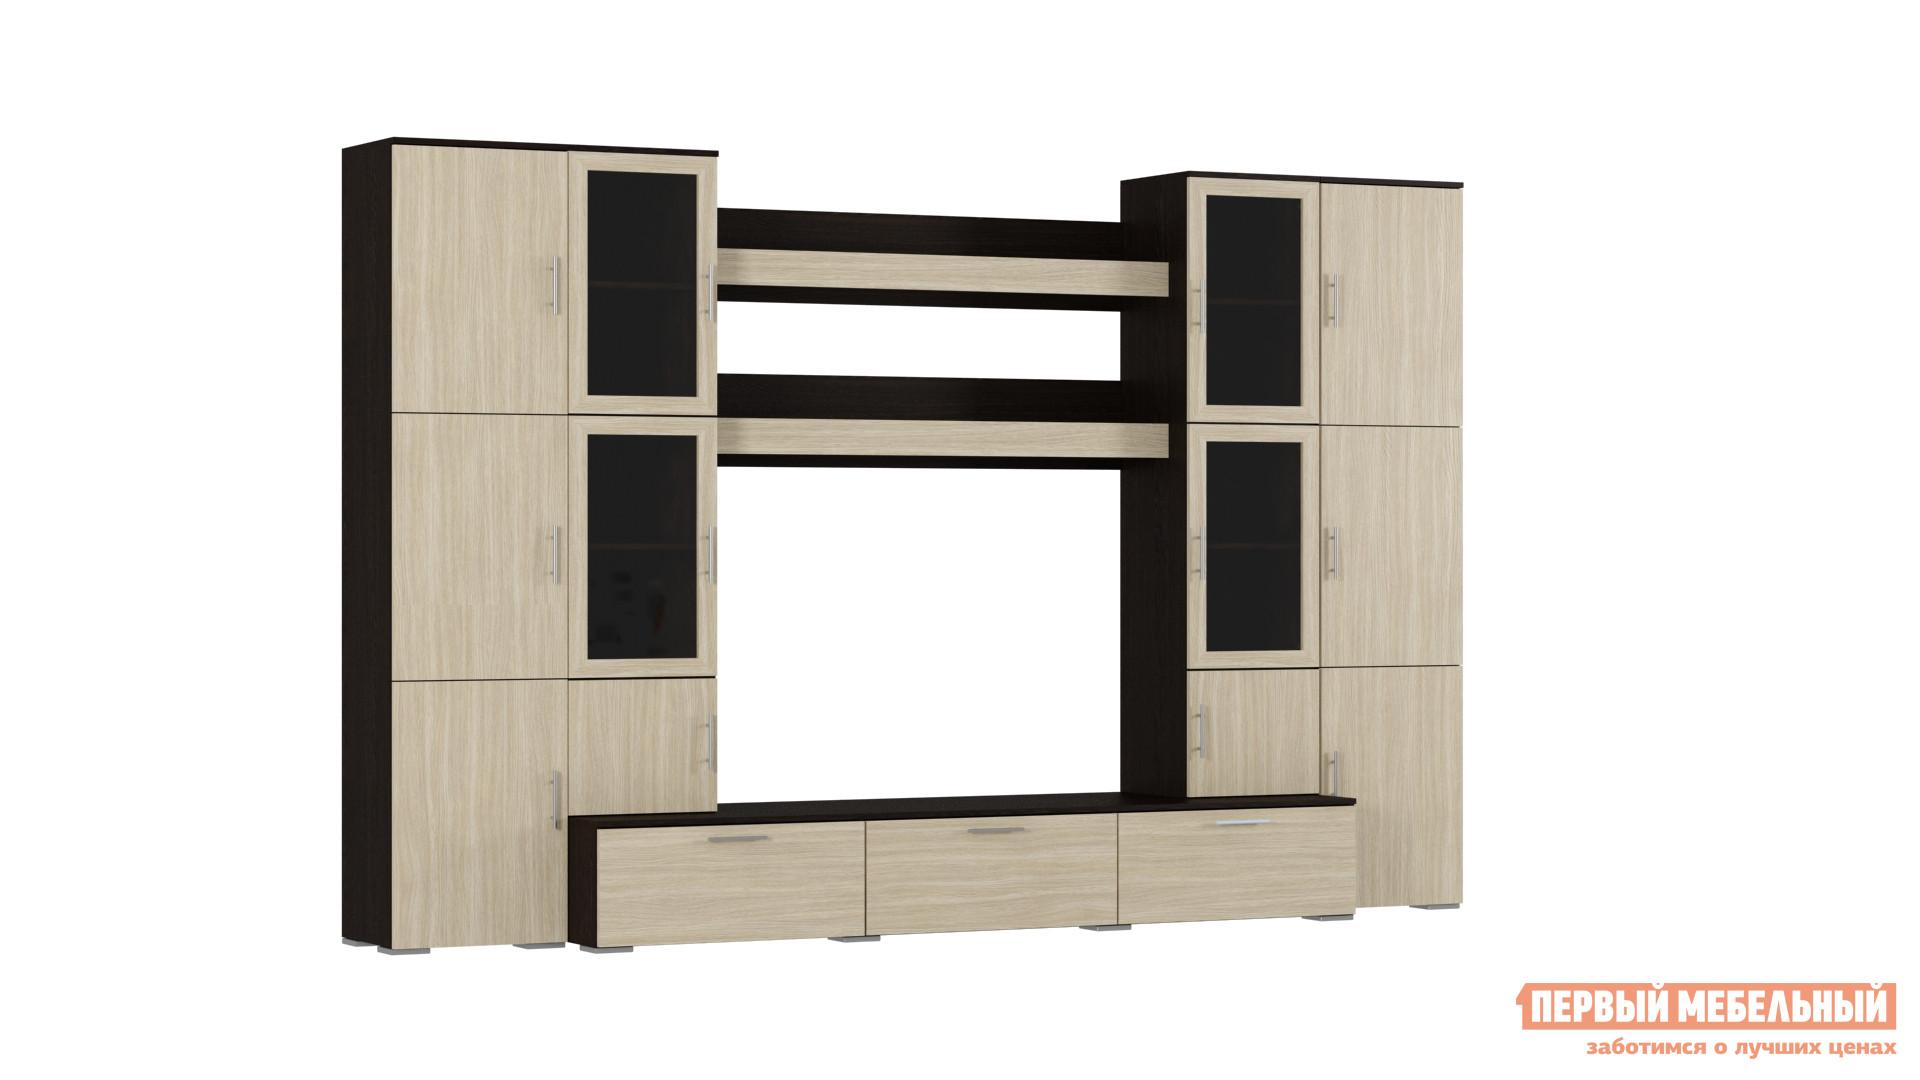 Стенка для гостиной Первый Мебельный 20ГБВ стенка модерн 11